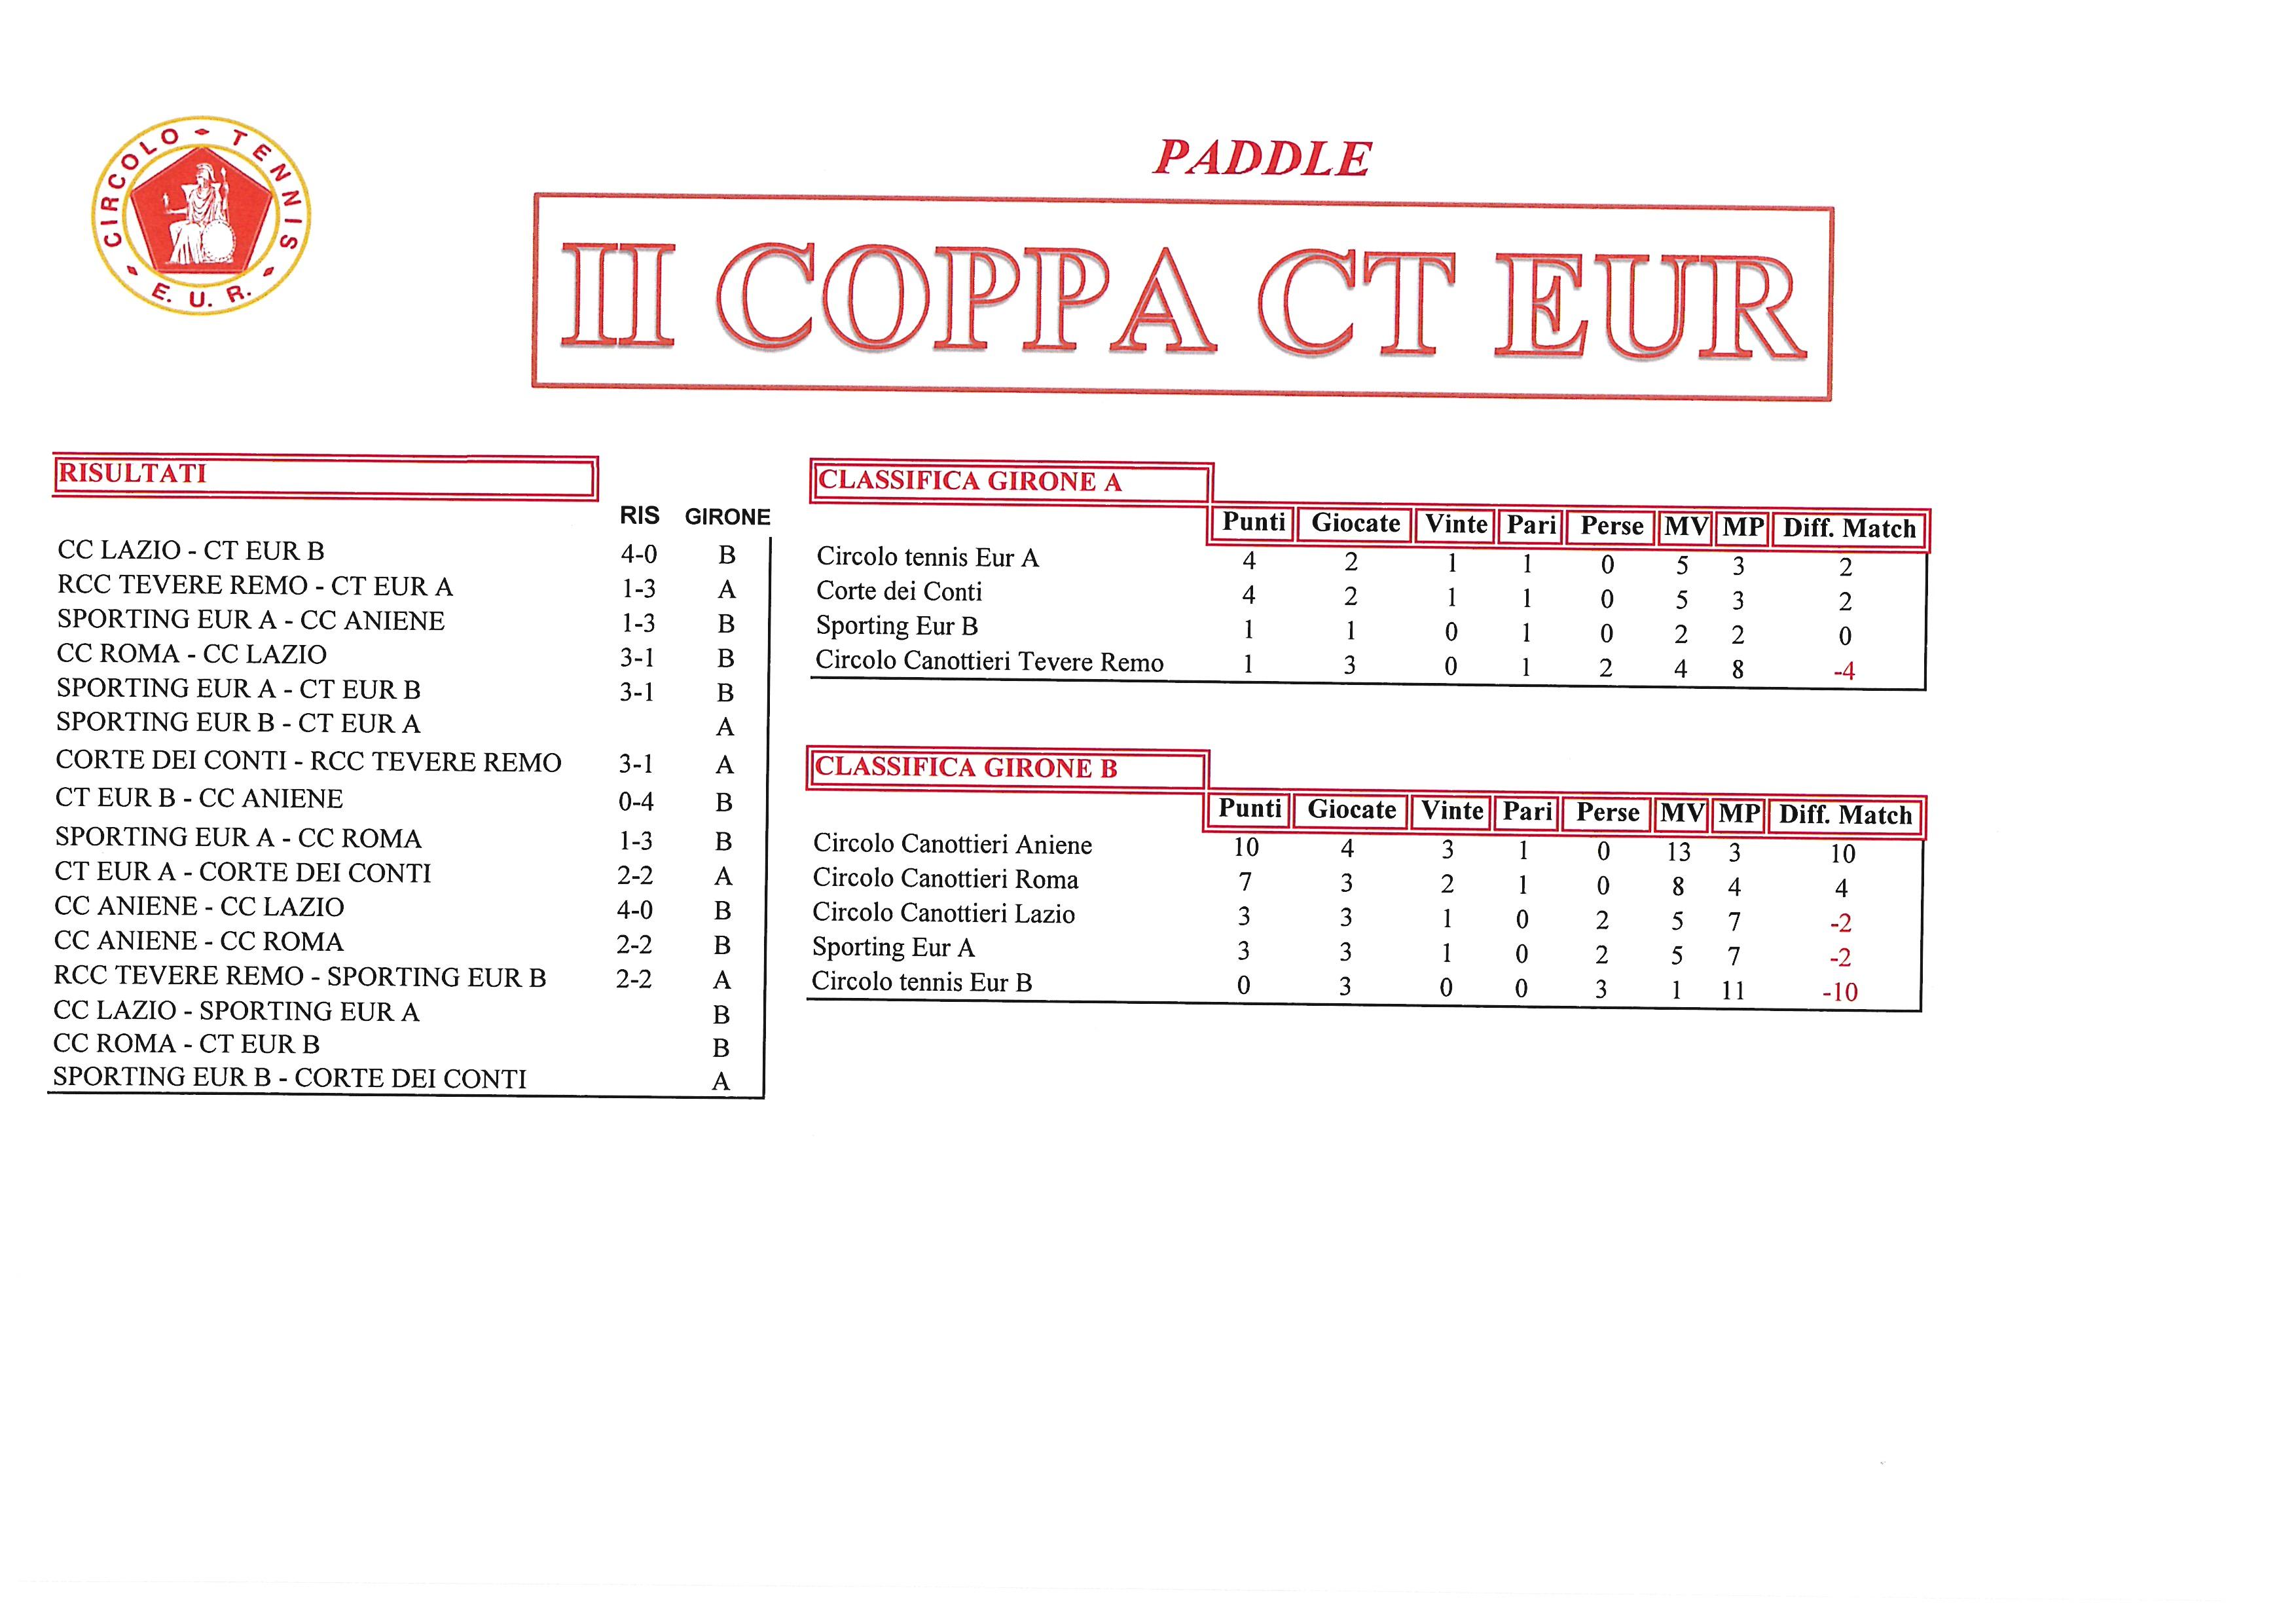 Coppa CT Eur risultati del 5 ottobre 2017 Paddle